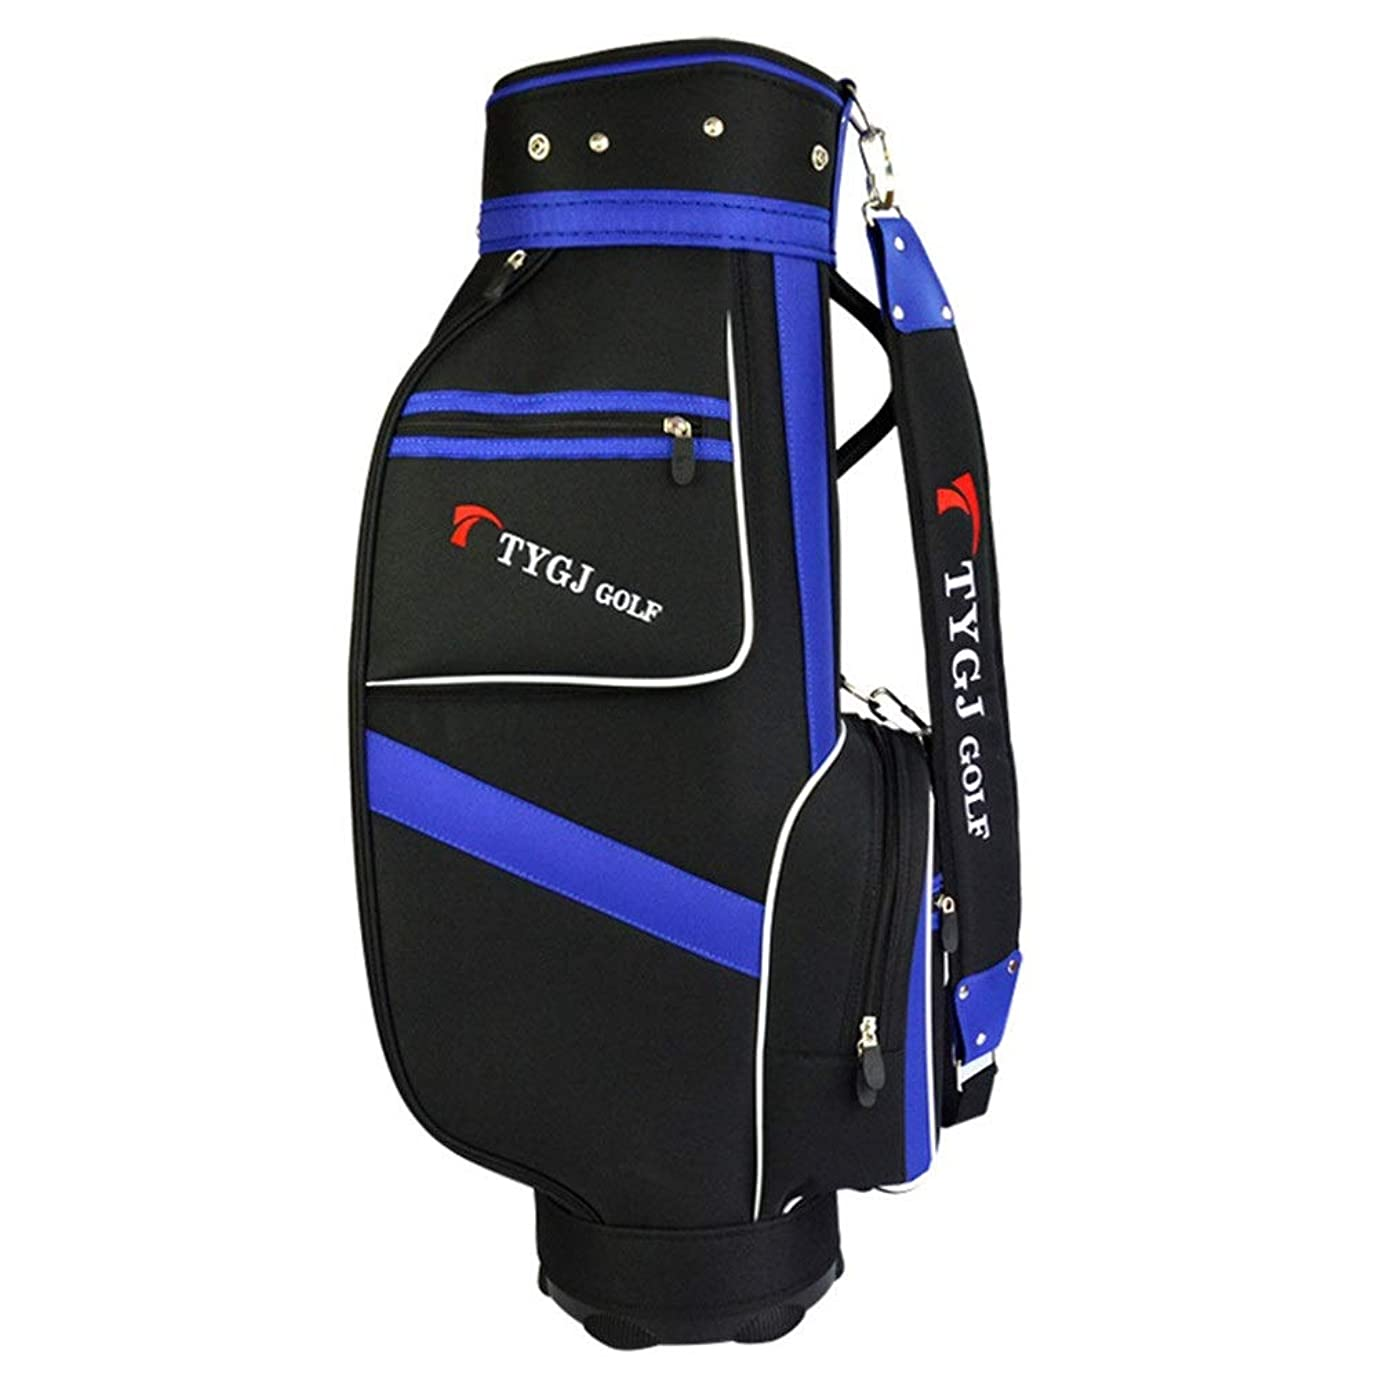 快適血まみれのピストン超軽量 大容量 ゴルフ クラブ ケース ゴルフスタンドバッグ防水ゴルフナイロンゴルフバッグスタンダードバッグキャリーバッグ黒と青のボールバッグ付き5プランジャ穴 (色 : One color, サイズ : 85×38×22.5cm)